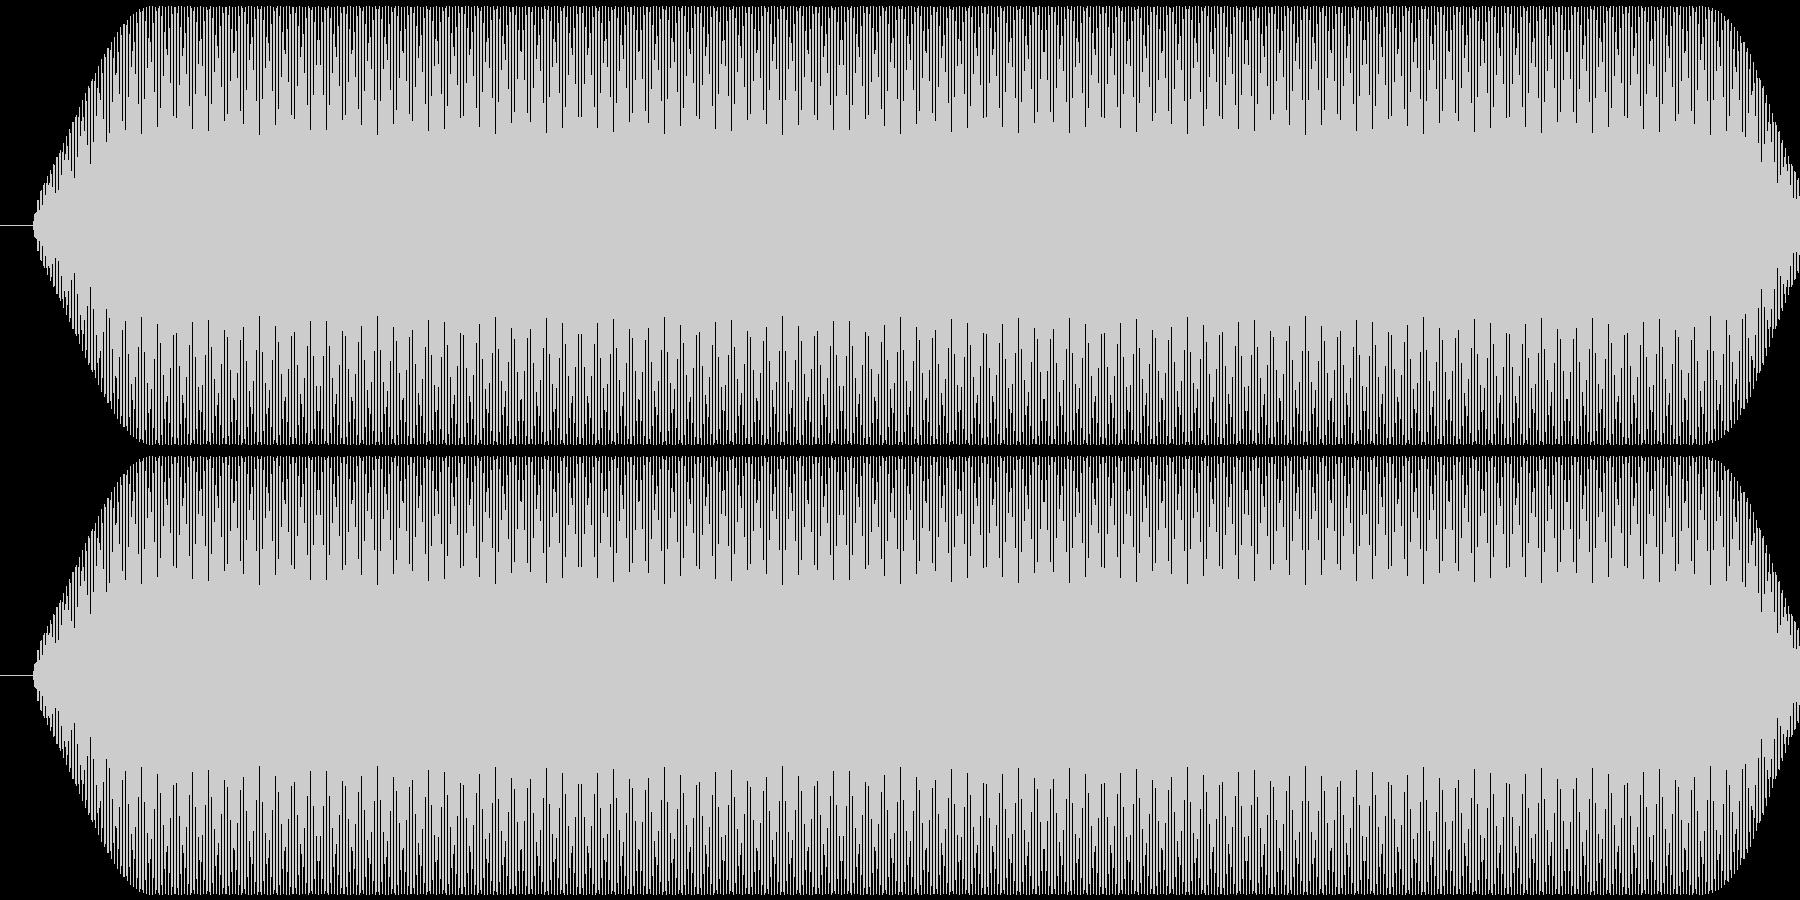 ピー音 自主規制音 (約0.3秒)の未再生の波形